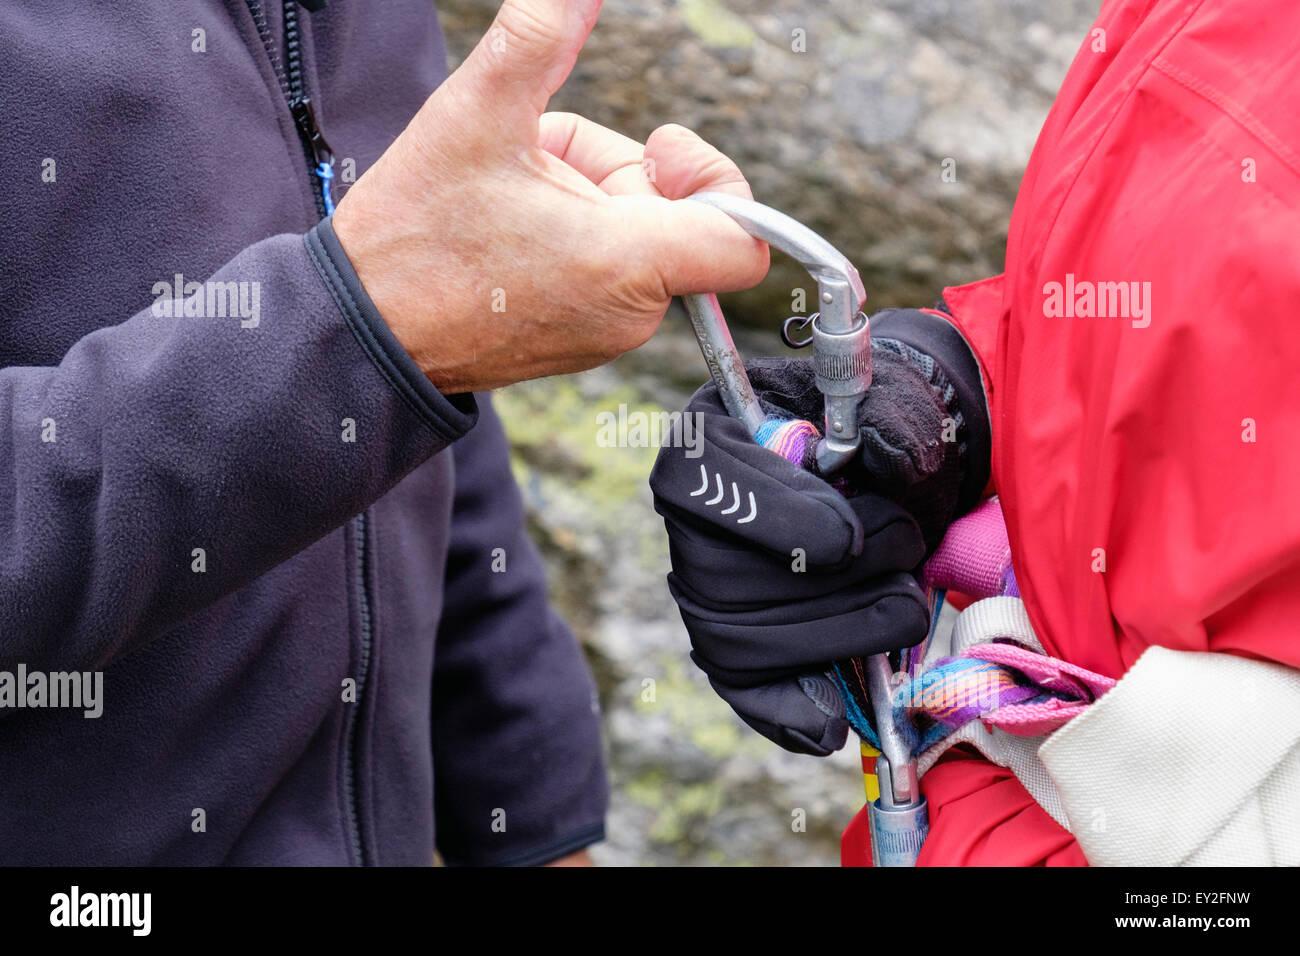 Klettergurt Männer : Kletterer lehre ein neuling karabiner klettergurt zu